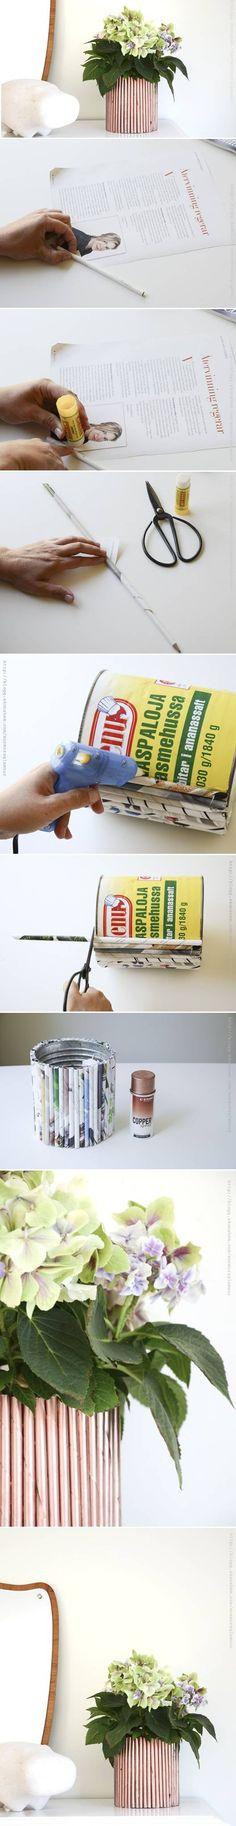 DIY Newspaper Decor Flower Pot DIY Newspaper Decor Flower Pot